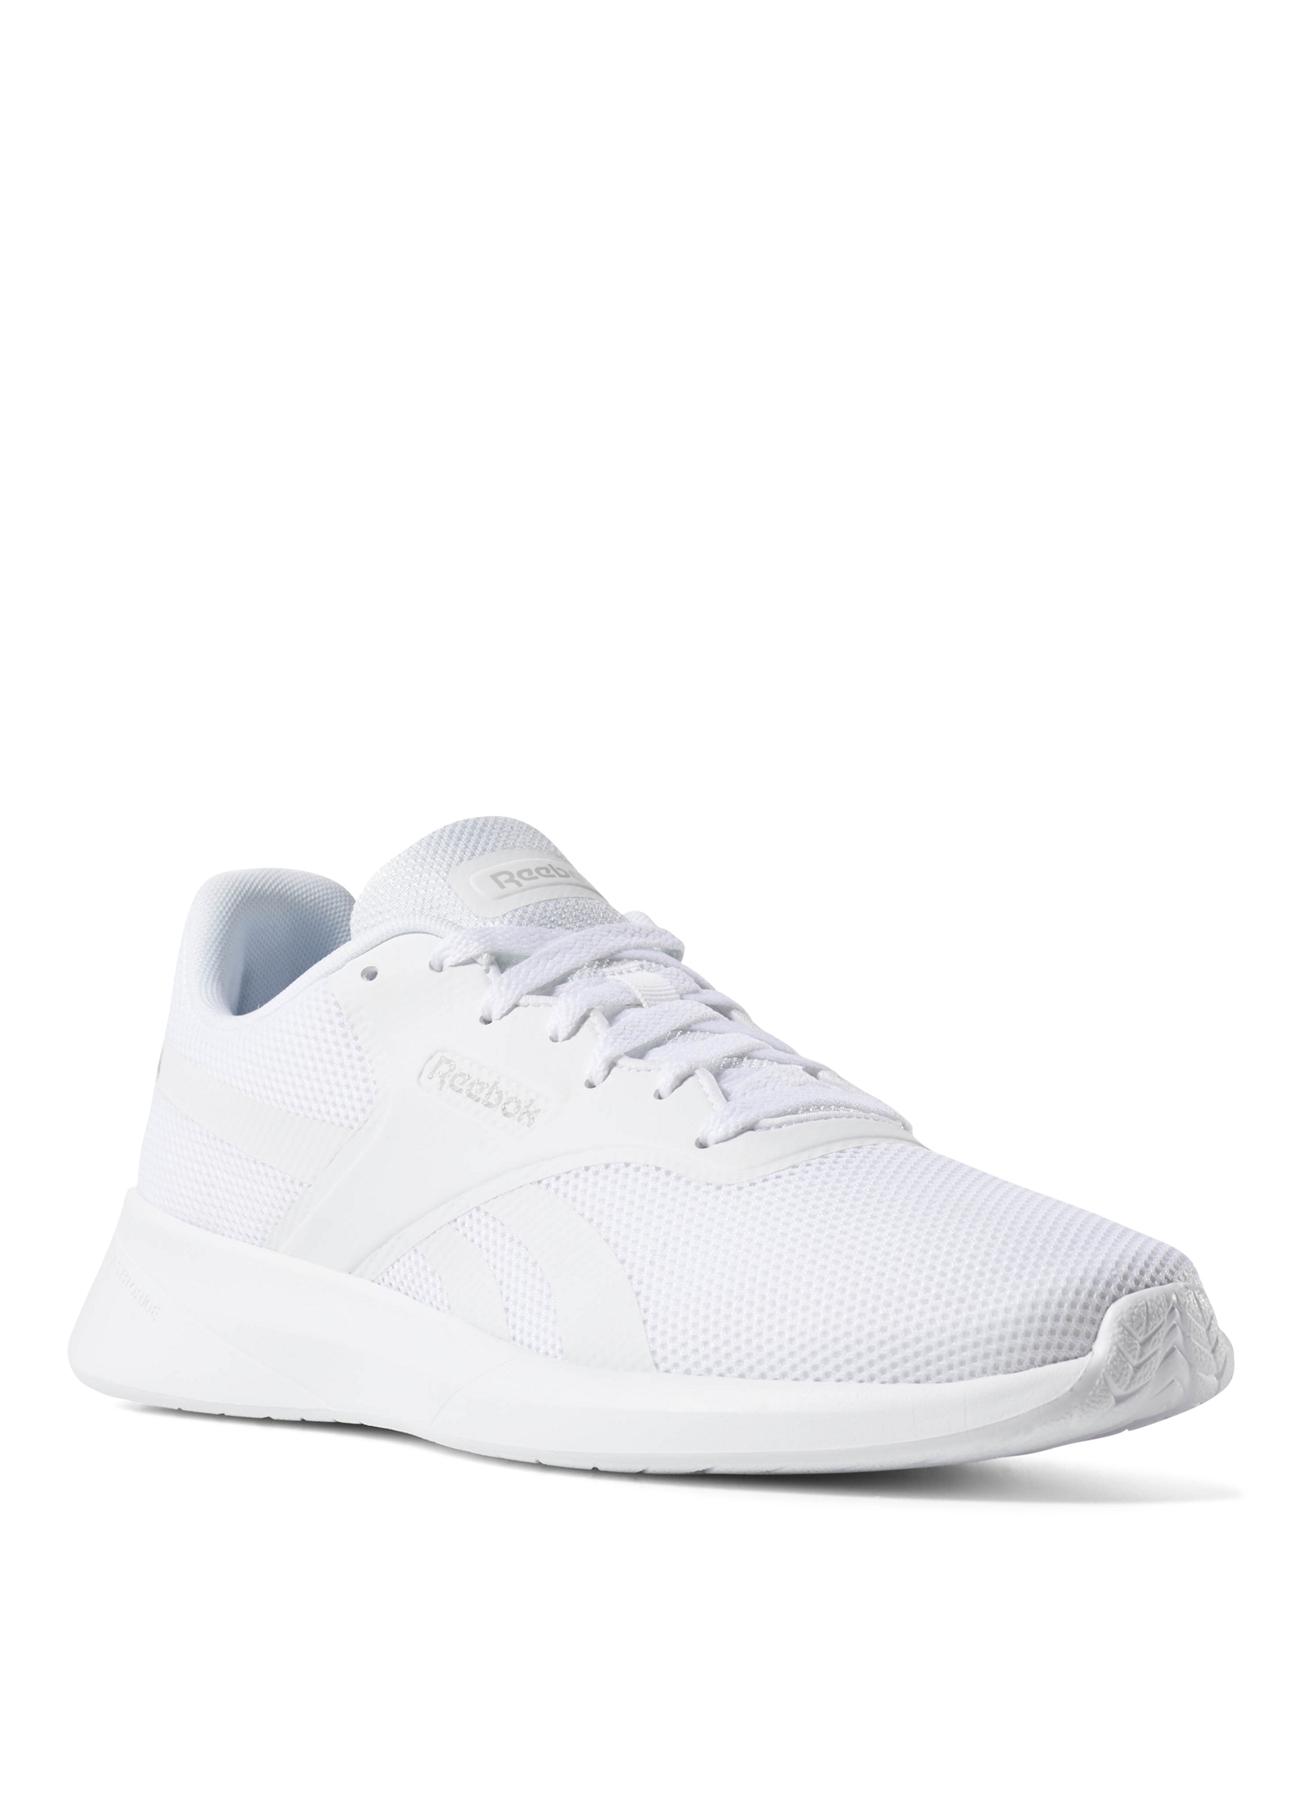 Reebok Lifestyle Ayakkabı 42.5 5002359642008 Ürün Resmi